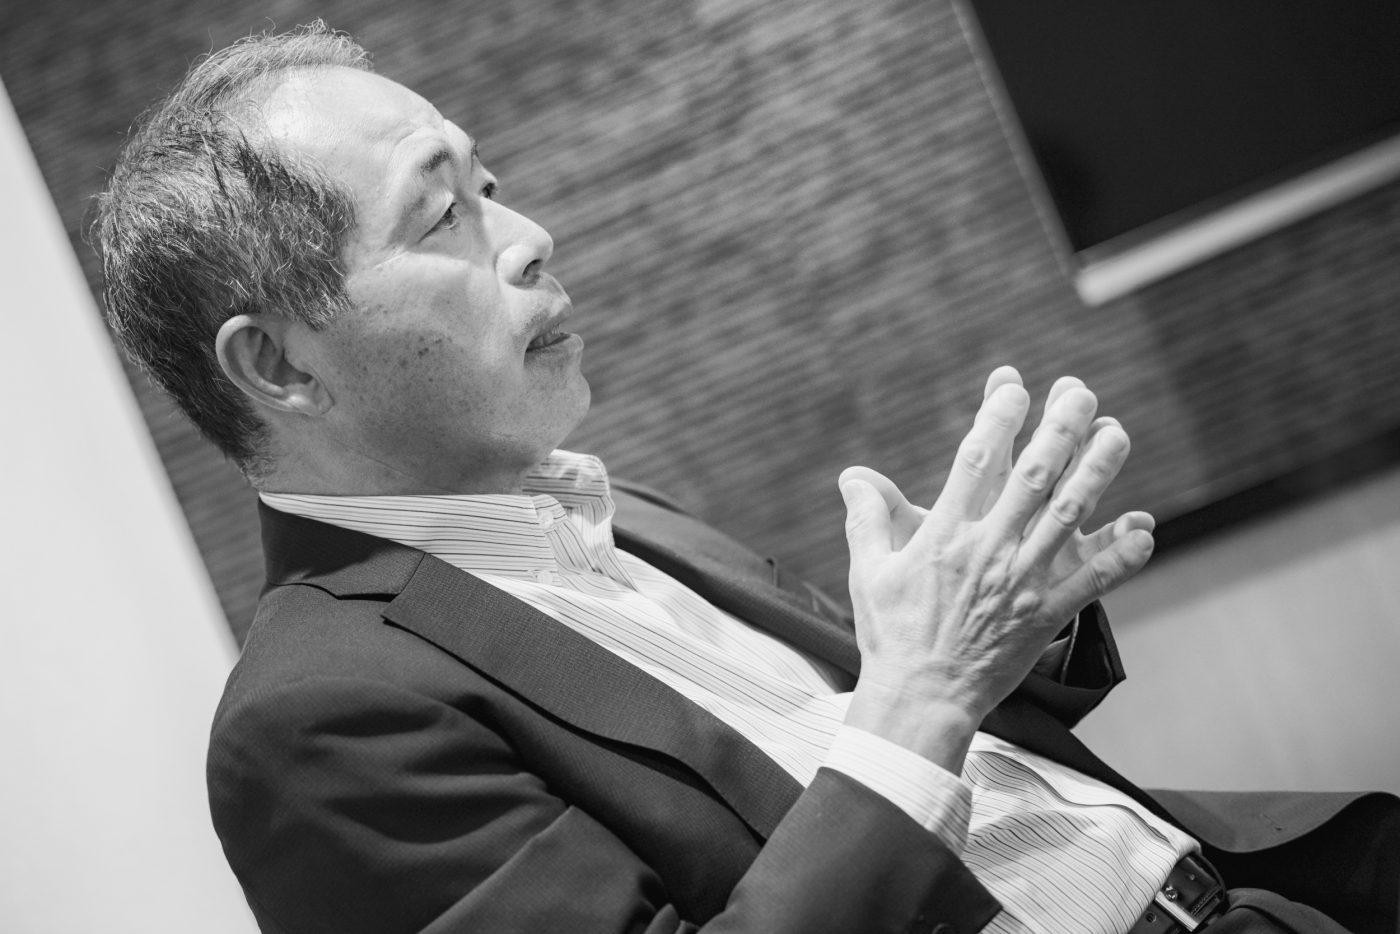 【インタビュー】ディズニーランドのキャストに受け継がれる風土とウォルトの思想 元東京ディズニーリゾート運営部長・安孫子薫(中編)